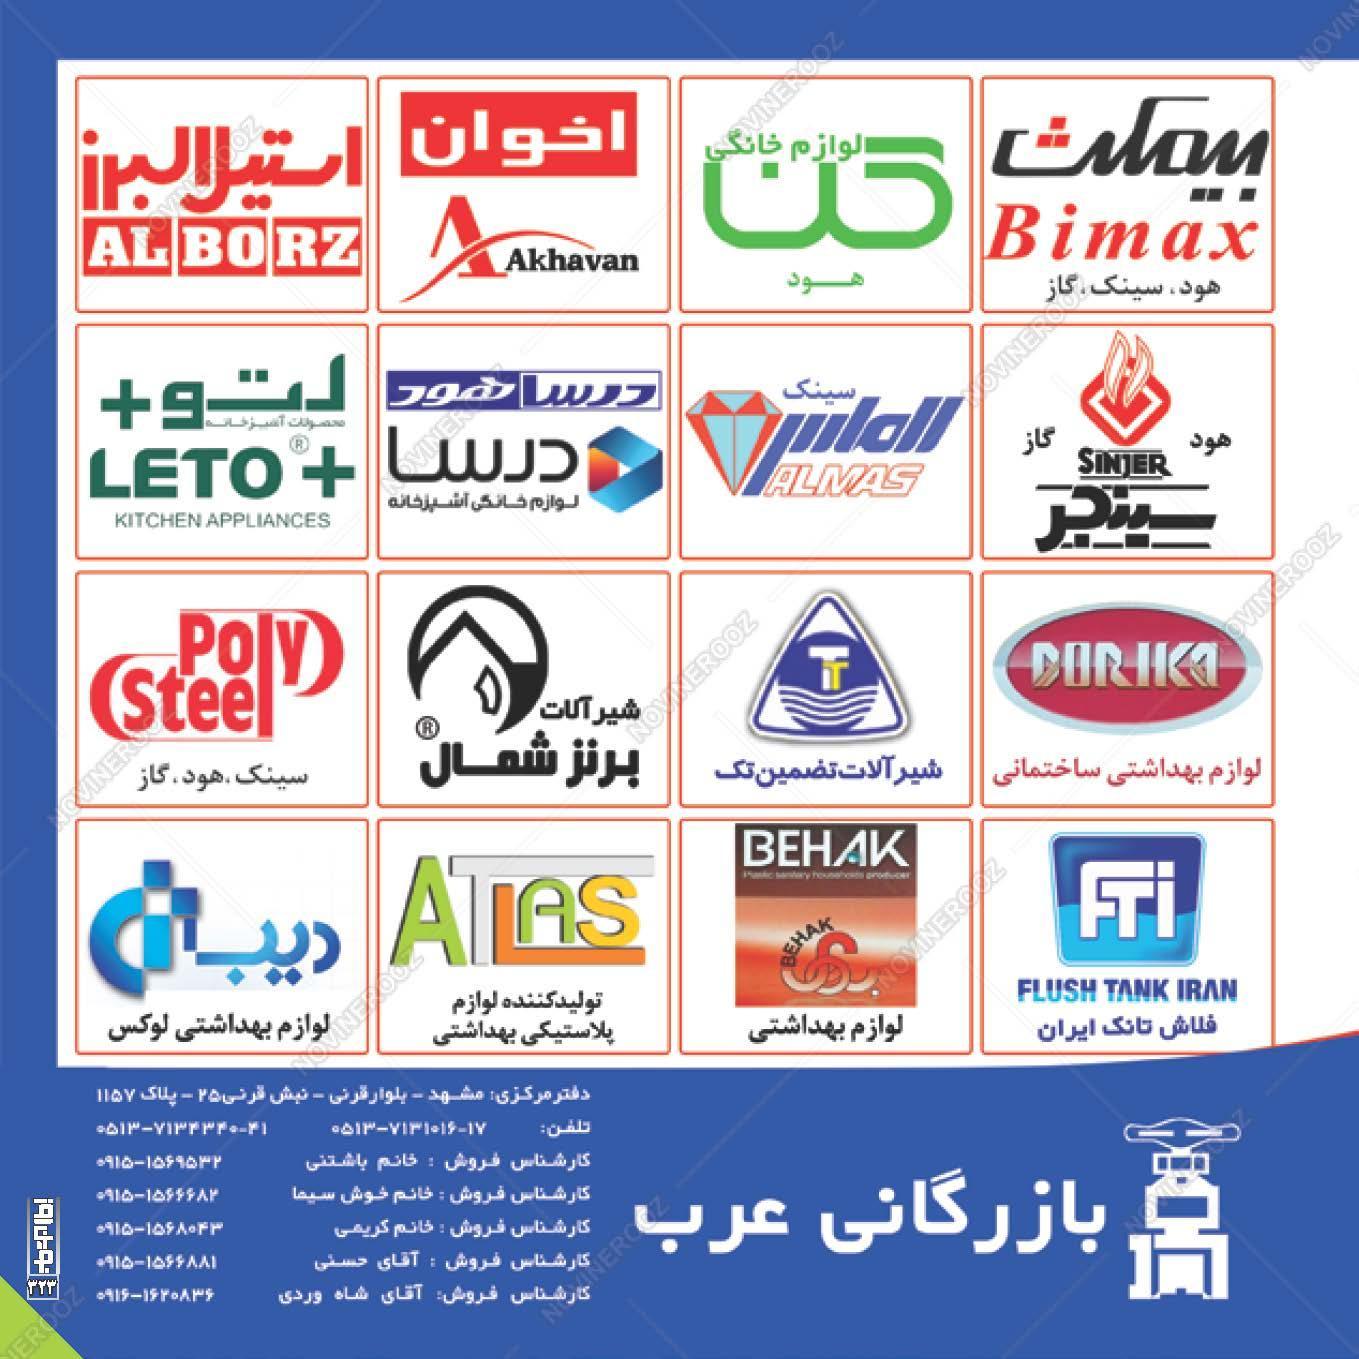 عرب فروشگاه